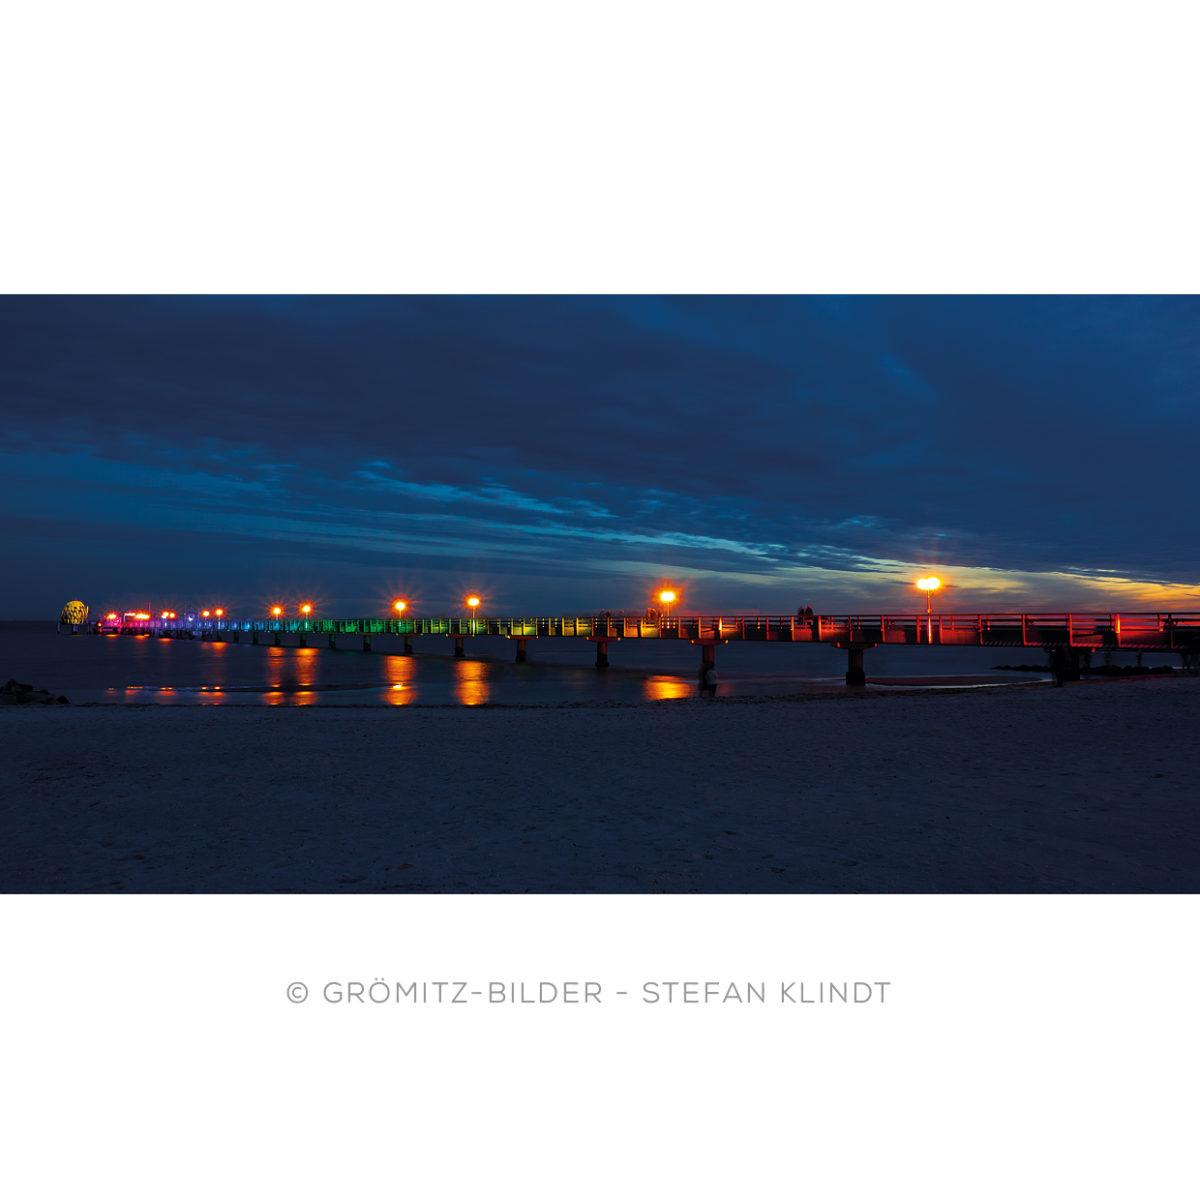 1021 Grömitz Bilder - Lichtermeer-Seebrücke